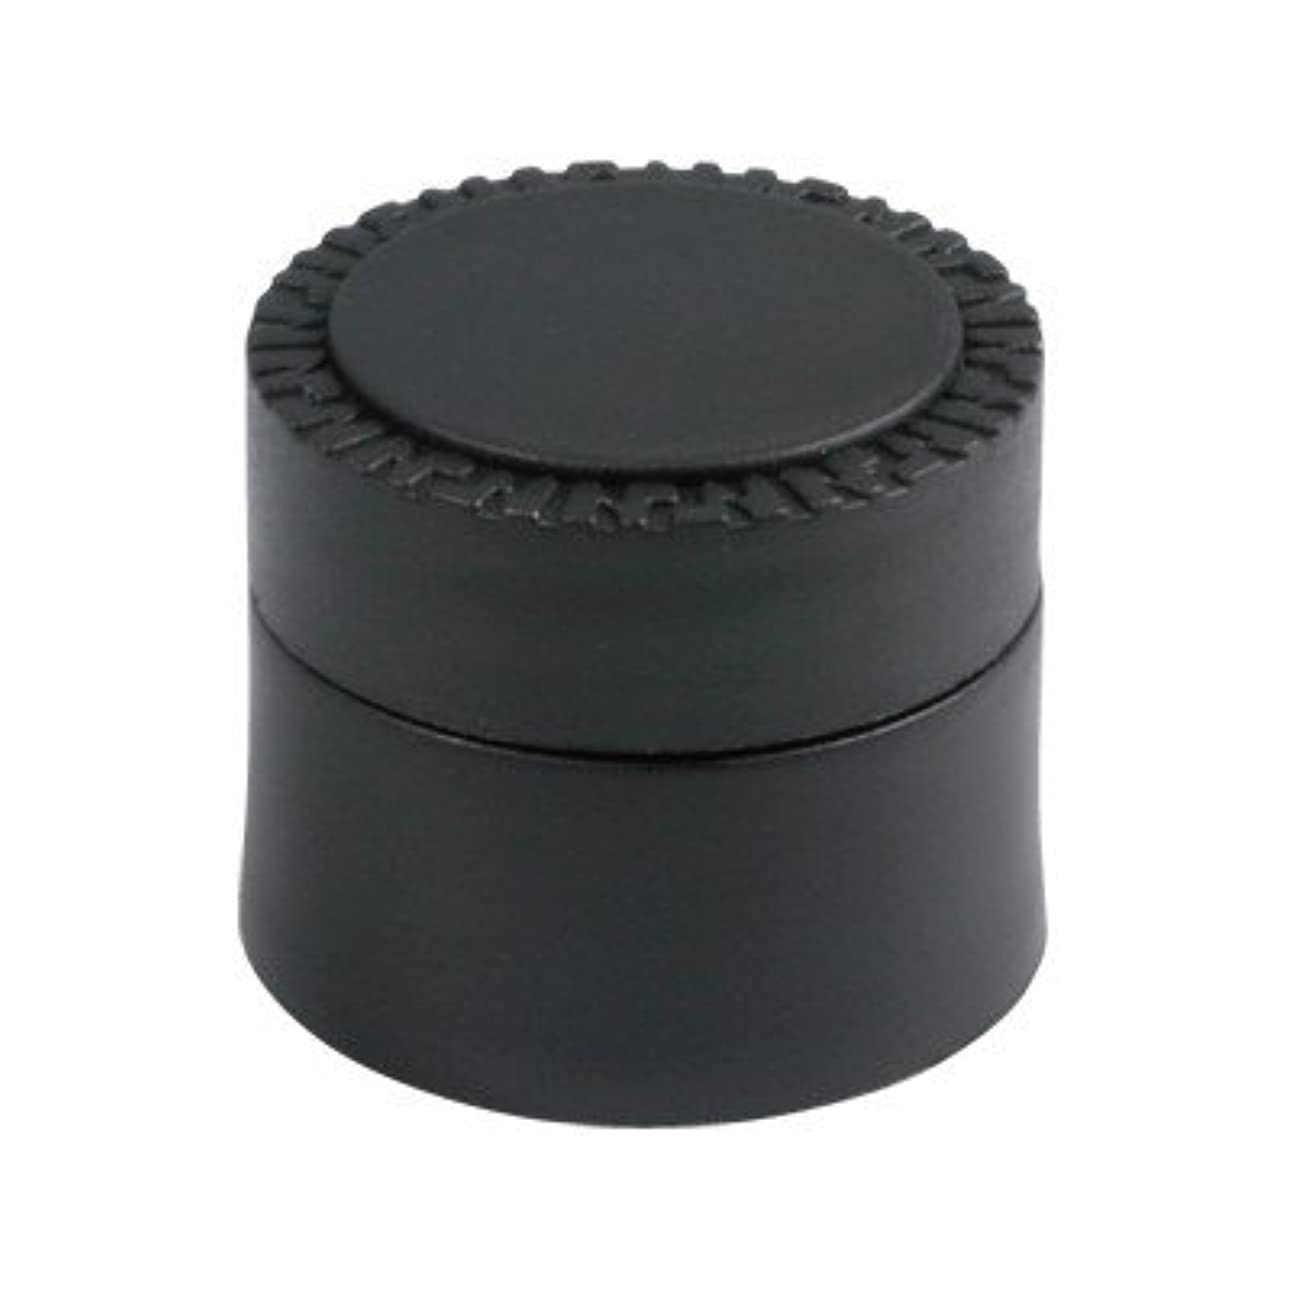 慢なジュラシックパーク心理学メルティージェル NFS MELTY GEL 空容器 黒 (容量5g)